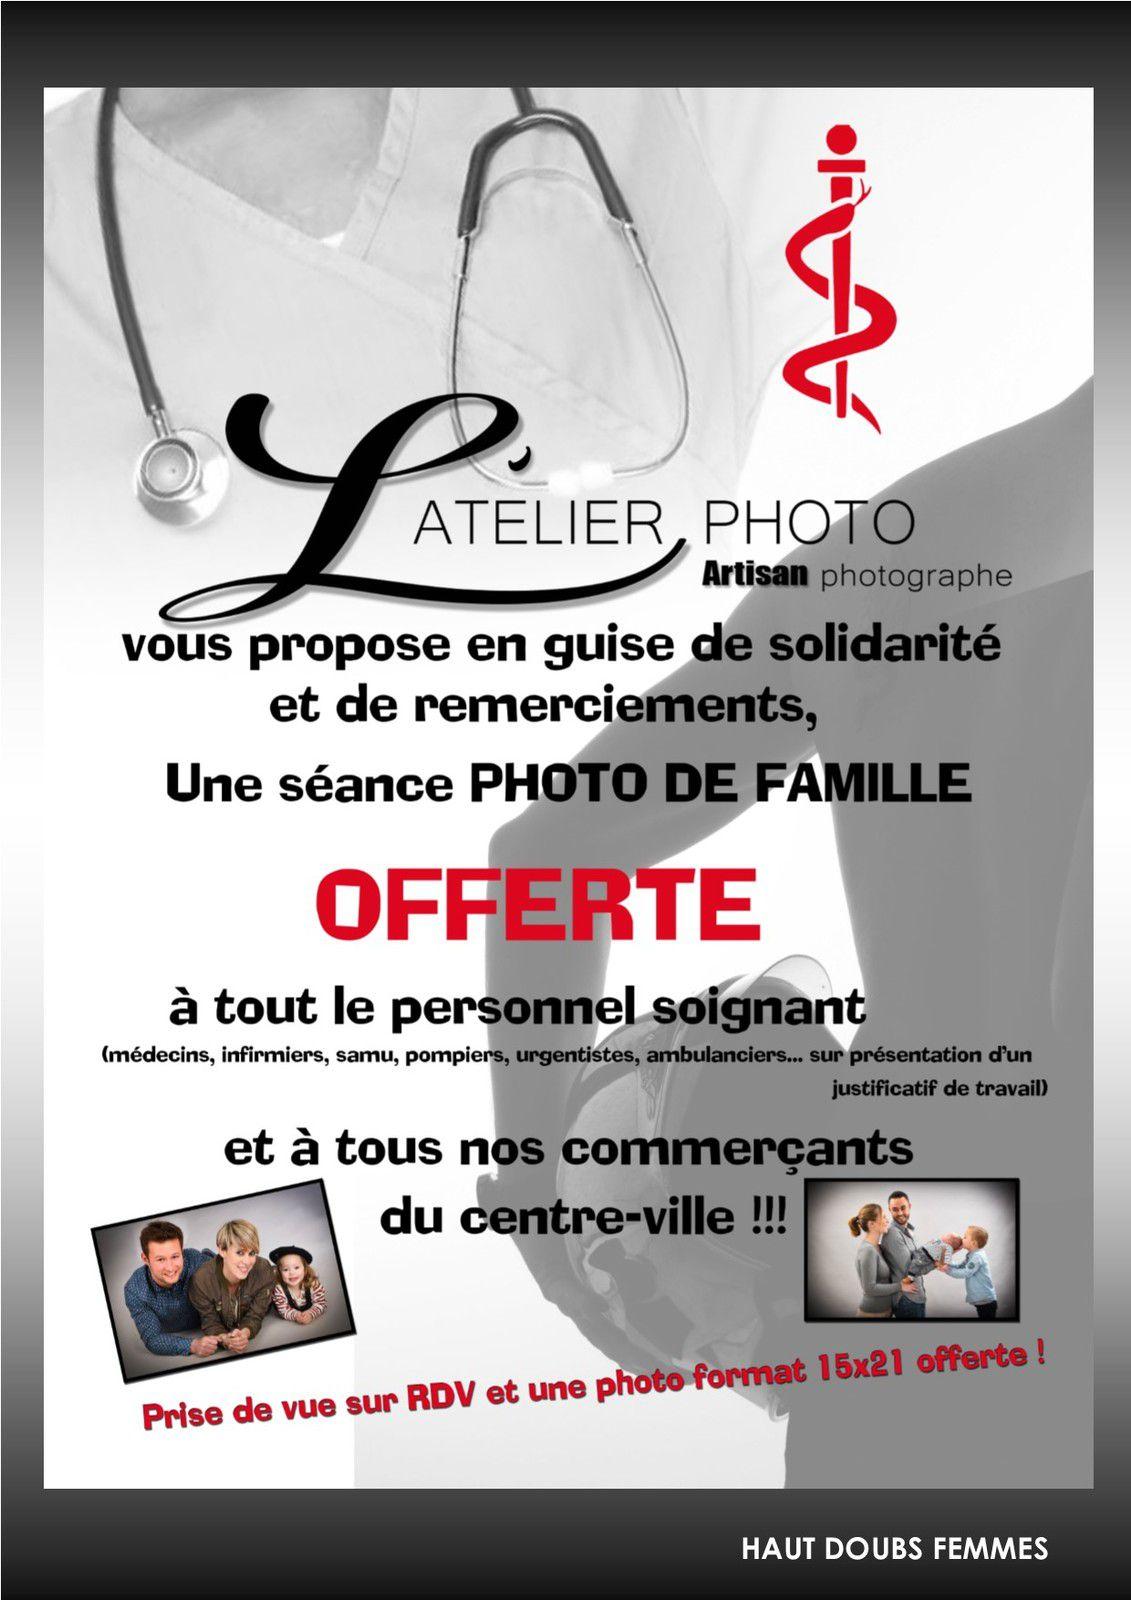 Séance photo offerte pour tous les soignants et commerçants du centre-ville de Pontarlier !